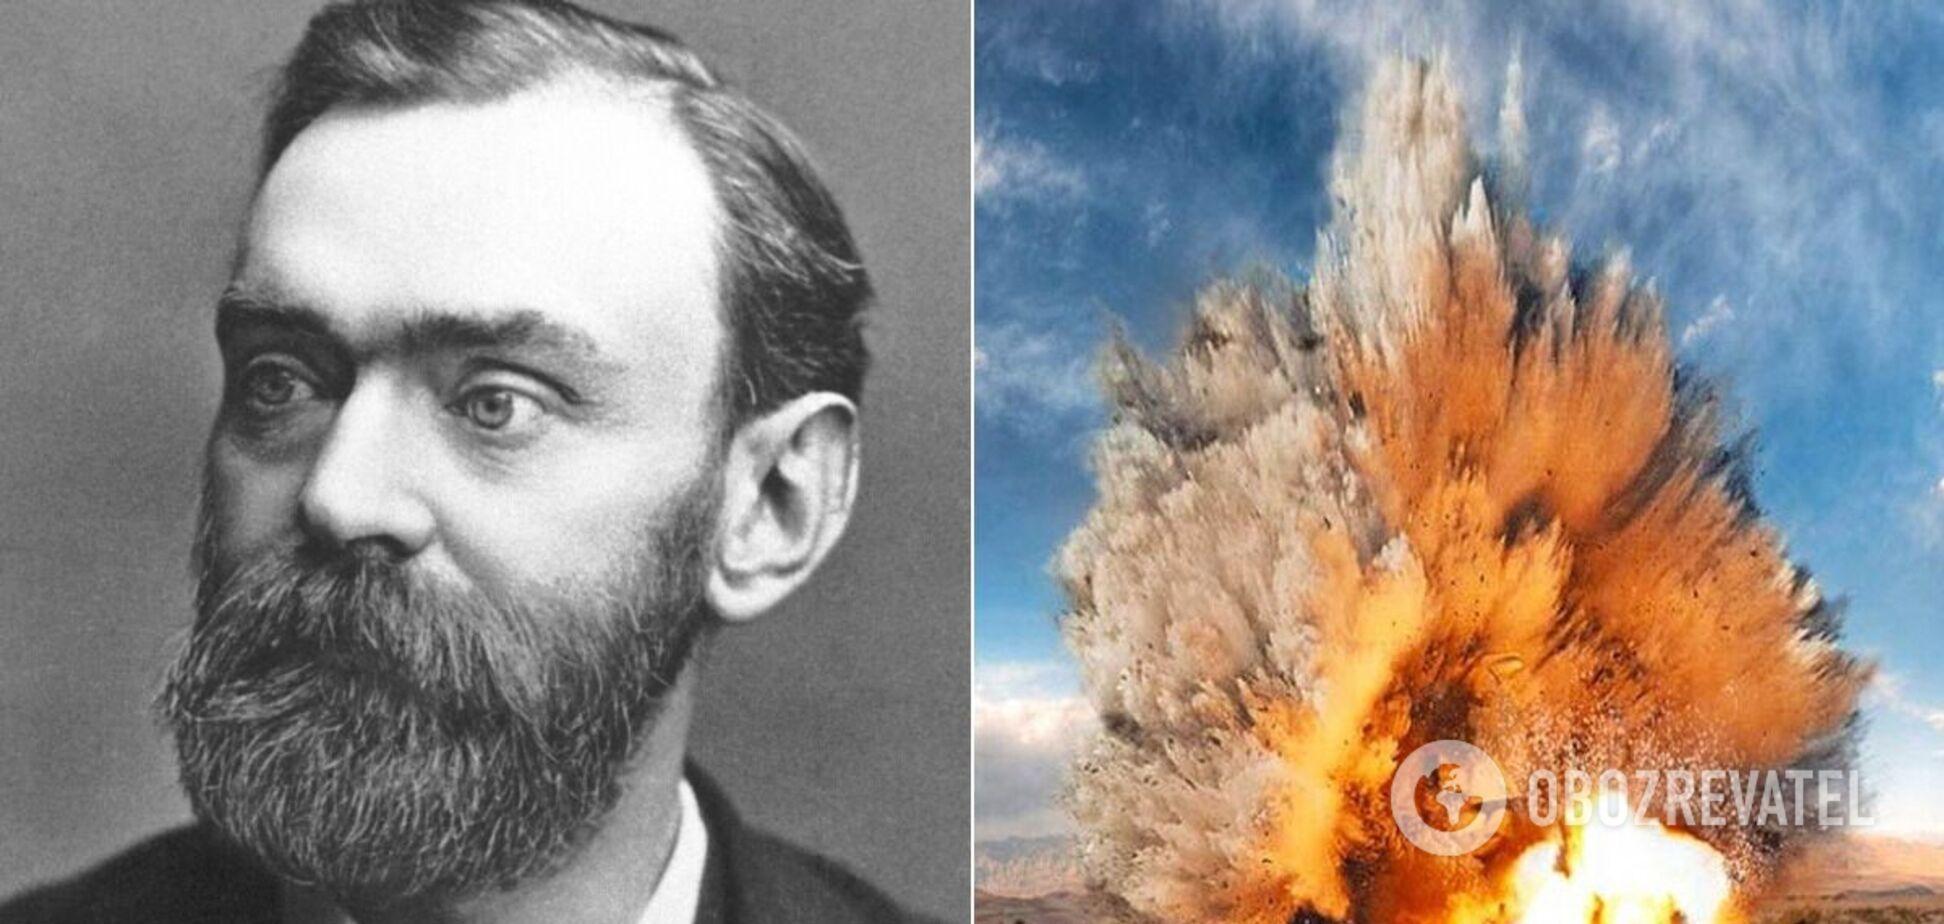 Альфред Нобель запатентовал динамит в 1867 году